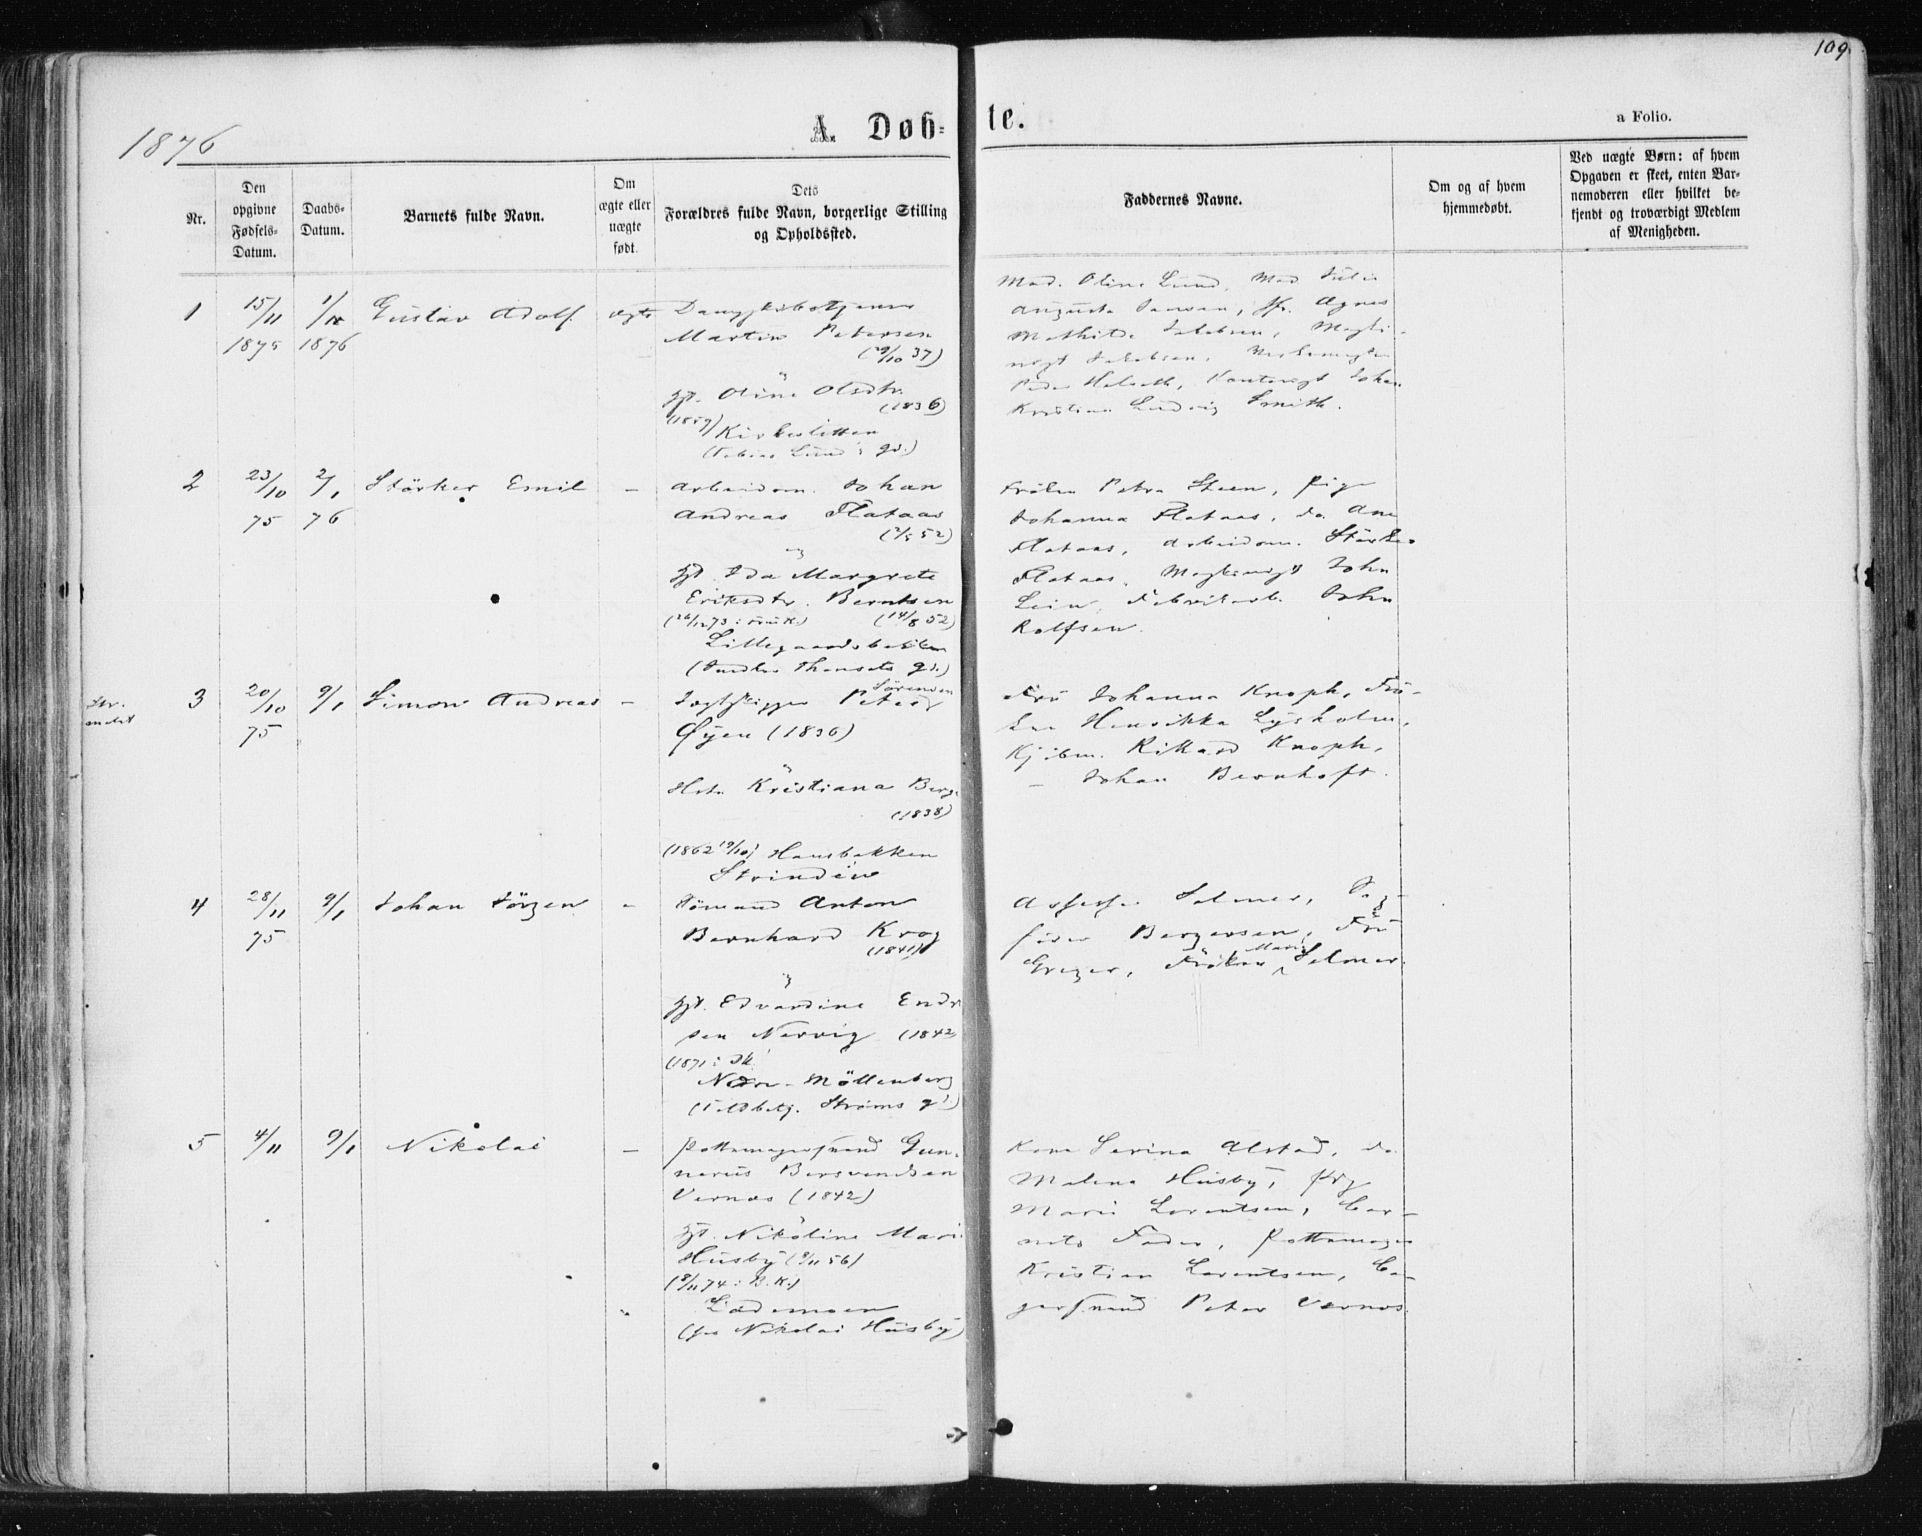 SAT, Ministerialprotokoller, klokkerbøker og fødselsregistre - Sør-Trøndelag, 604/L0186: Ministerialbok nr. 604A07, 1866-1877, s. 109